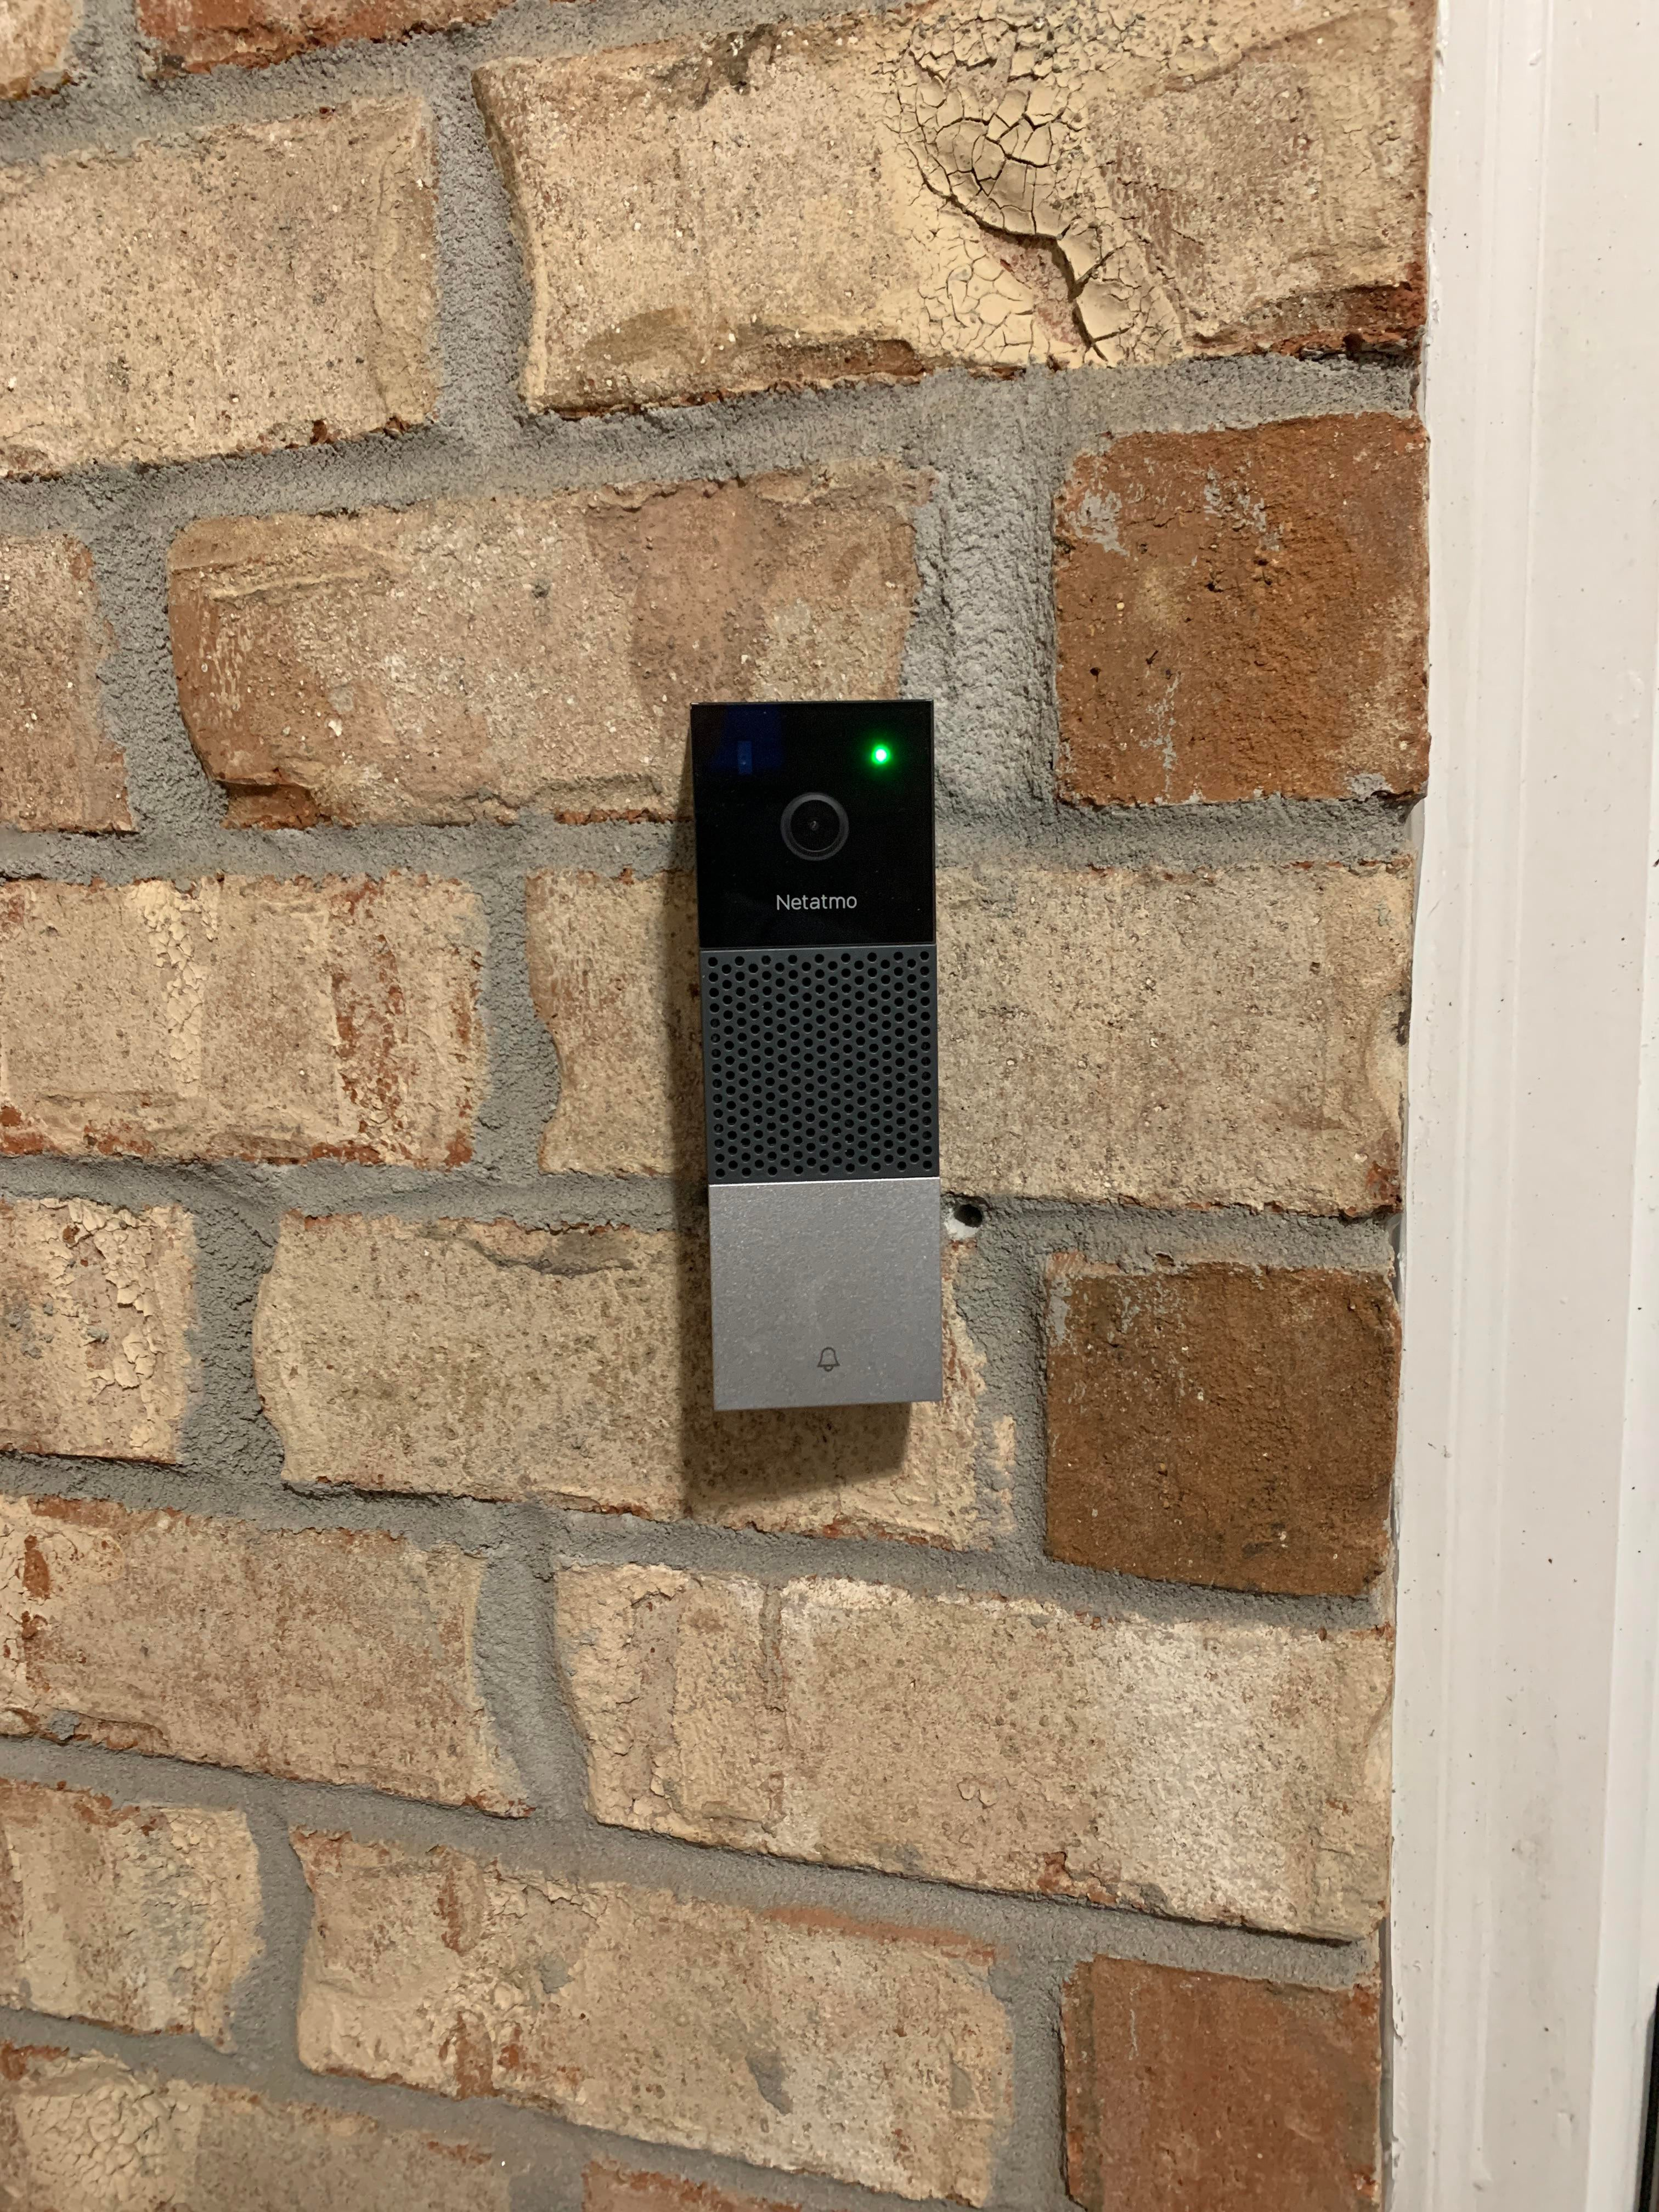 I installed Netatmo Doorbell a few days ago I really